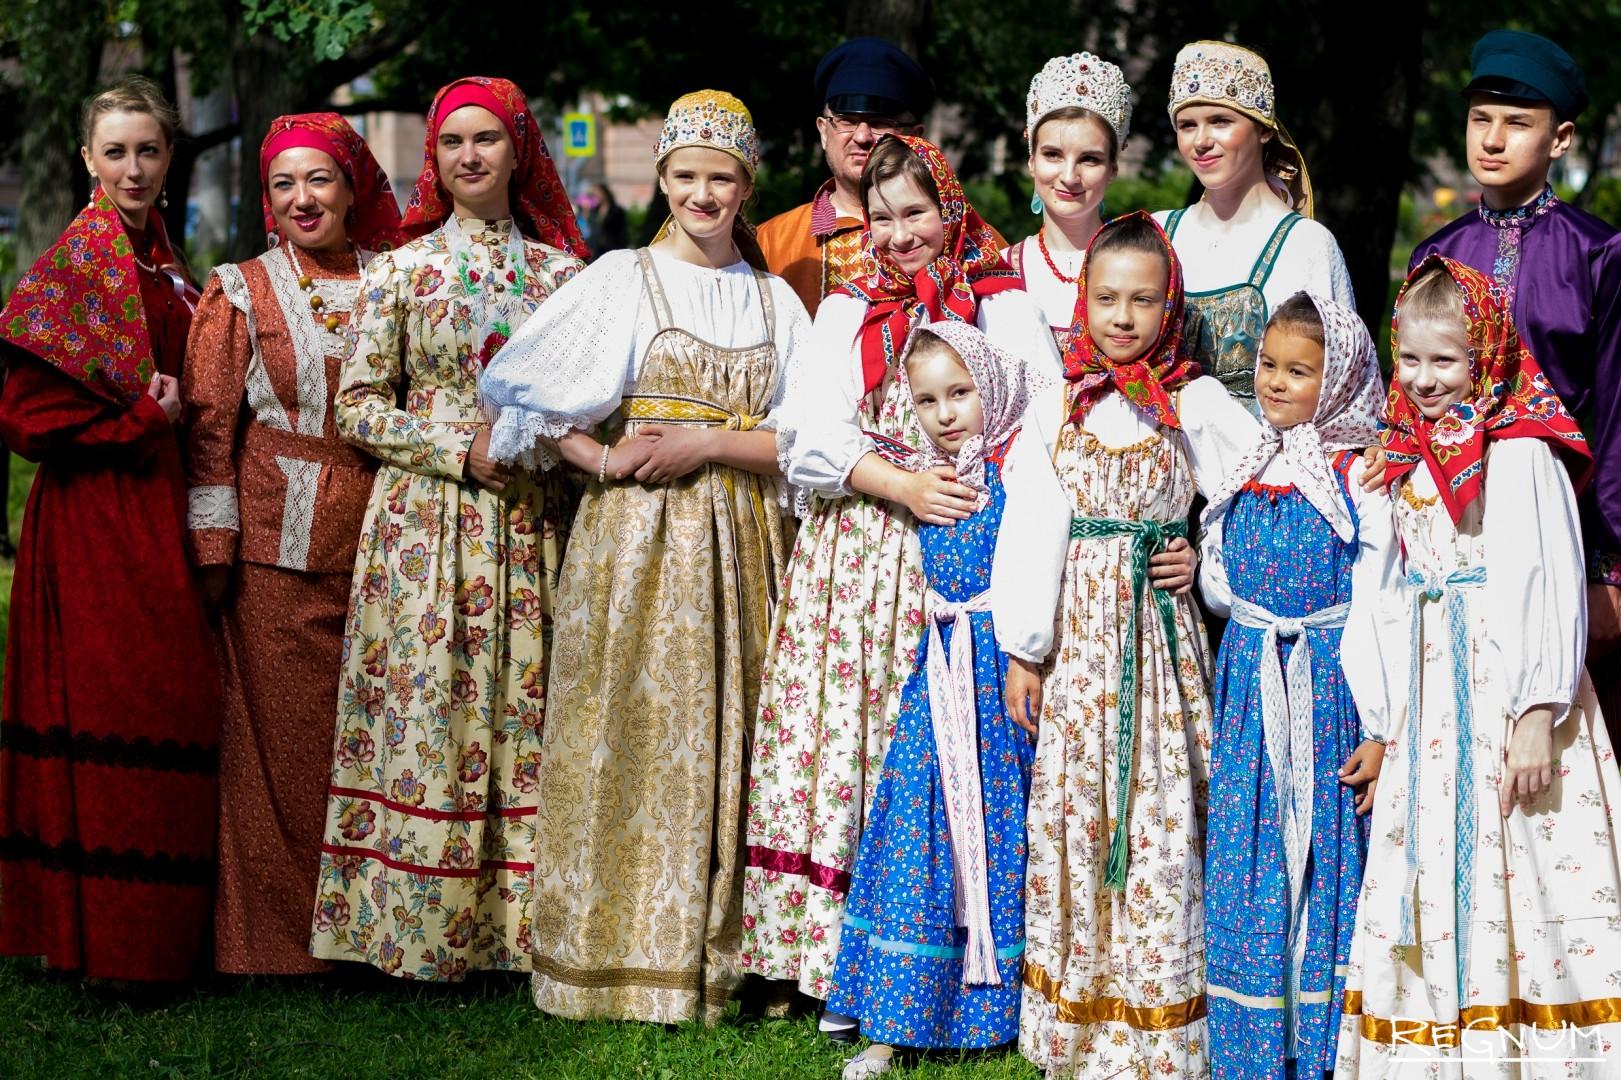 алкоголя фотографии на темы русско народных костюмов решение для городских